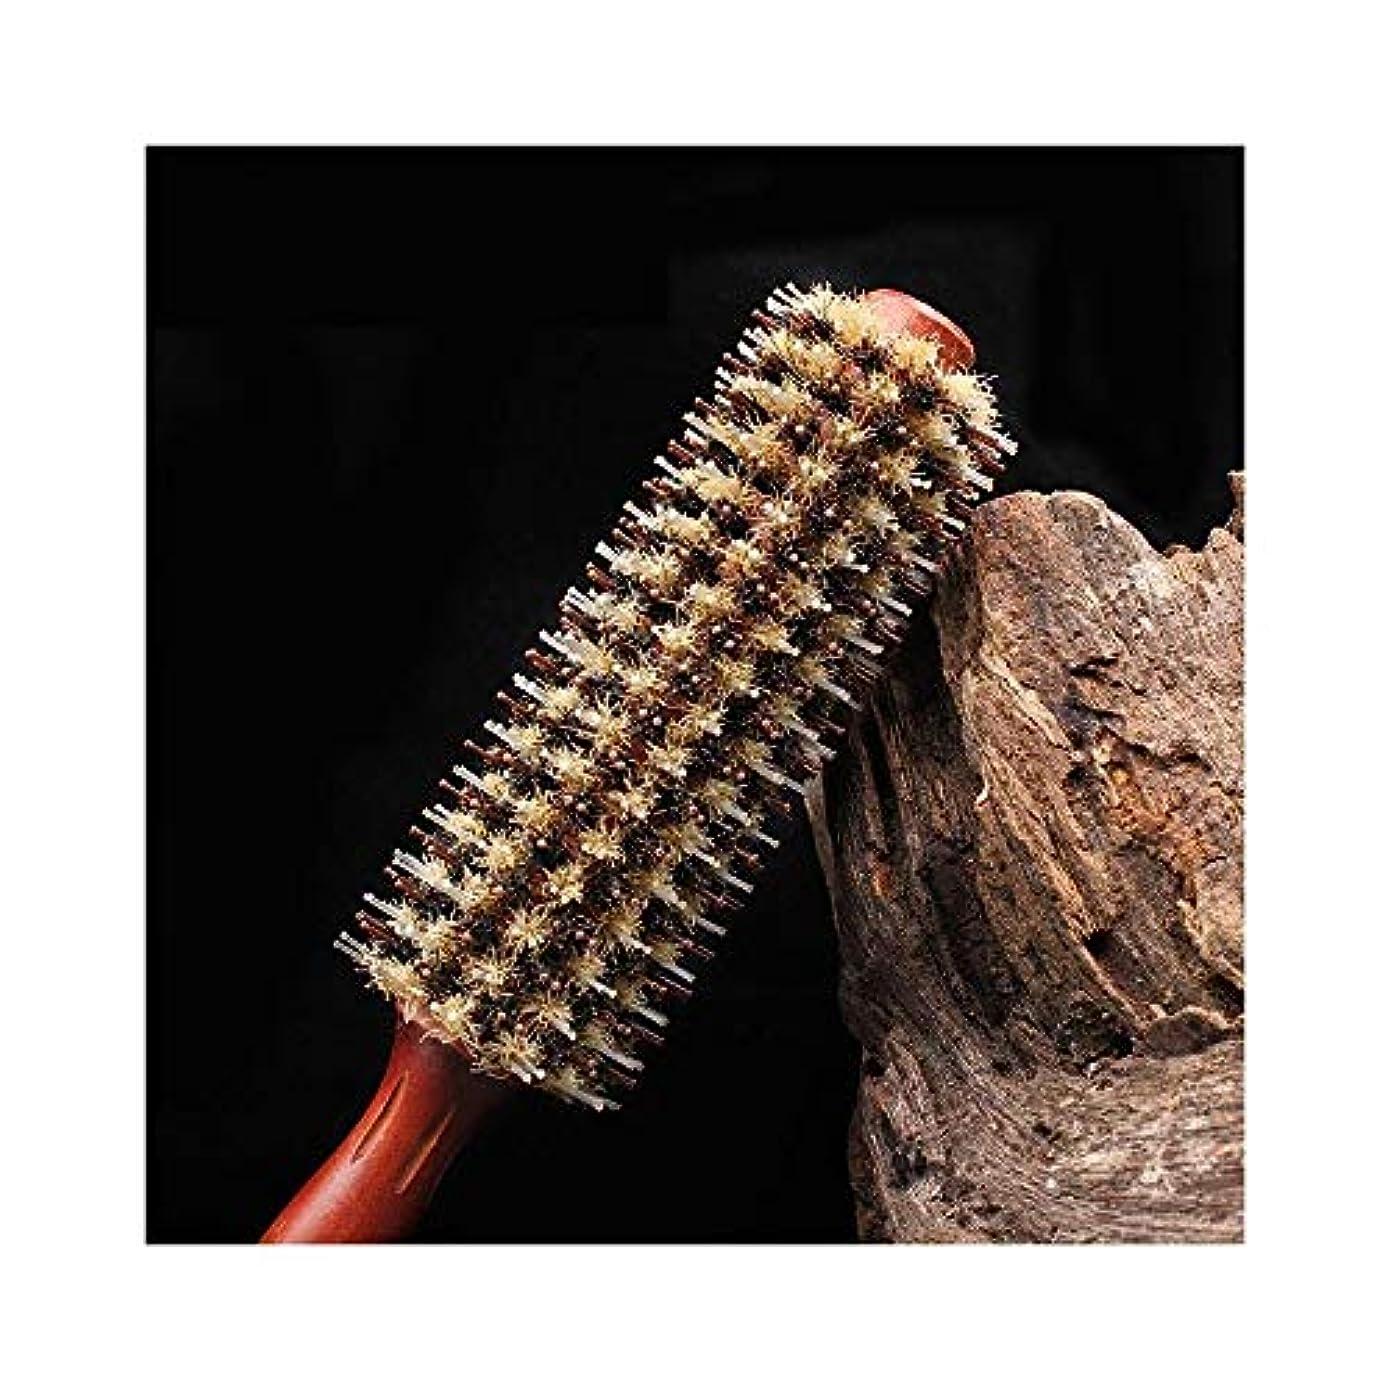 リード無条件試みヘアコーム理髪くし すべての髪のウッドナチュラルイノシシ剛毛ヘアコーム木製ラウンドヘアブラシ ヘアスタイリングコーム (Size : 16 rows)